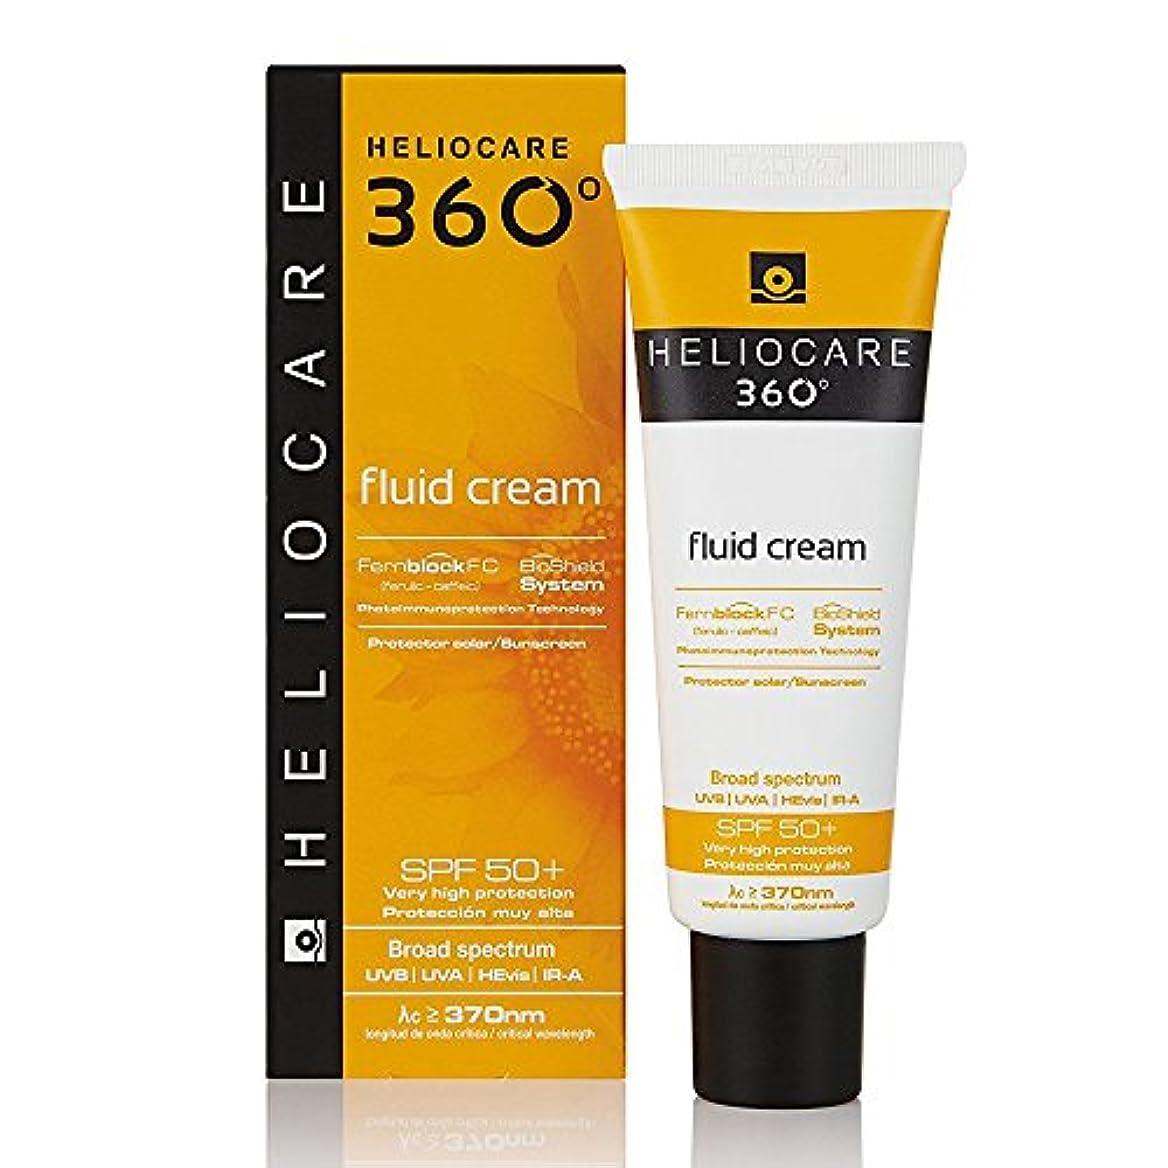 のどストロークストライクHeliocare 360 ??° Fluid Cream SPF50+ 50ml [並行輸入品]